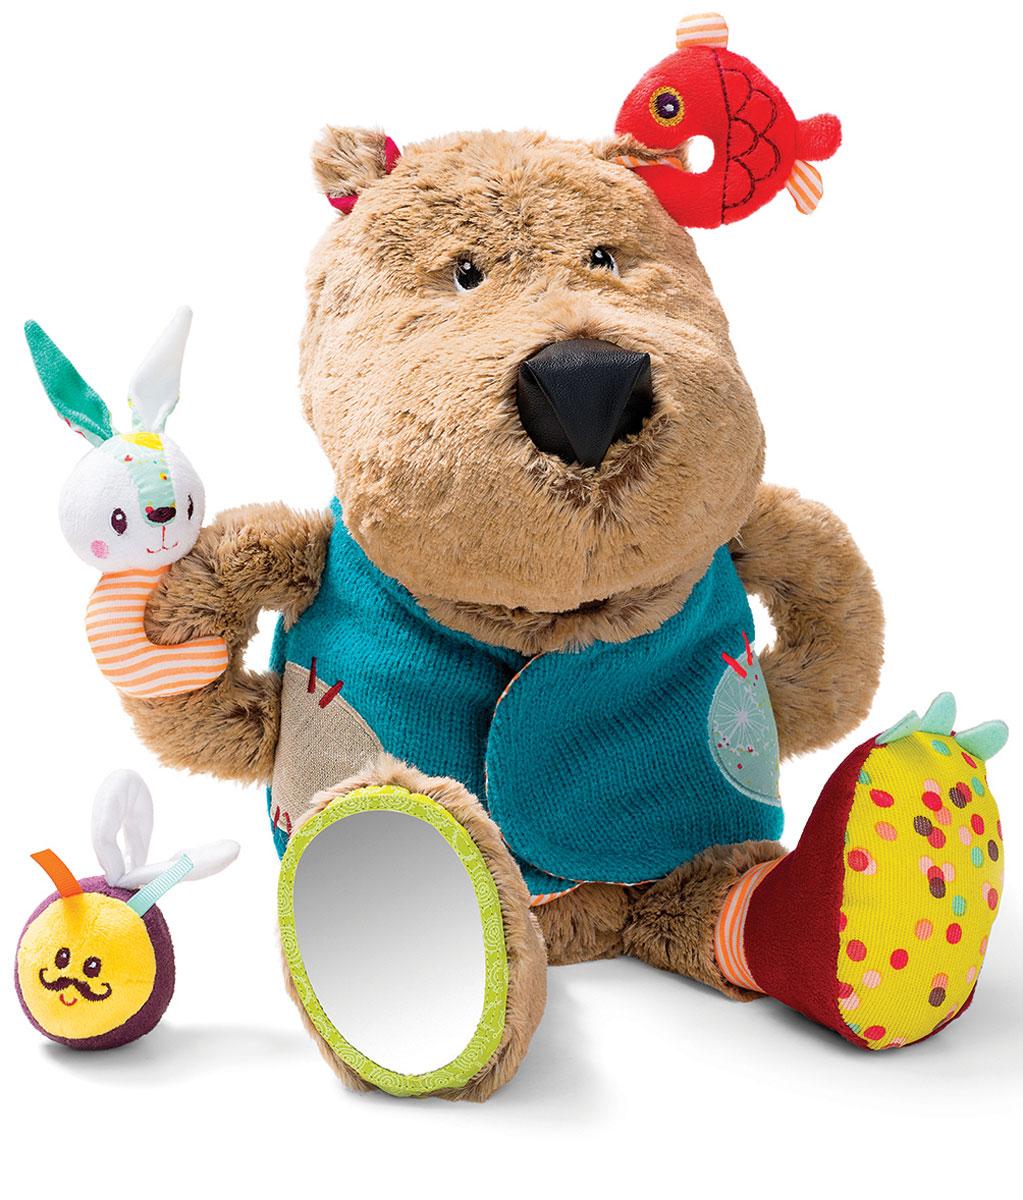 Lilliputiens Развивающая игрушка Медвежонок Цезарь86784Нажмите на мордочку Цезаря, и медвежонок зарычит: он очень проголодался! Скорее накормите его: положите ему в пасть рыбку, зайчика или... шмеля. Они, конечно же, слишком юркие и не дадут себя проглотить! Смотрите, как они дразнят медвежонка, повиснув у него на жилете. Развивающая игрушка Lilliputiens Медвежонок Цезарь способствует развитию у малыша сенсорных навыков и мелкой моторики рук.